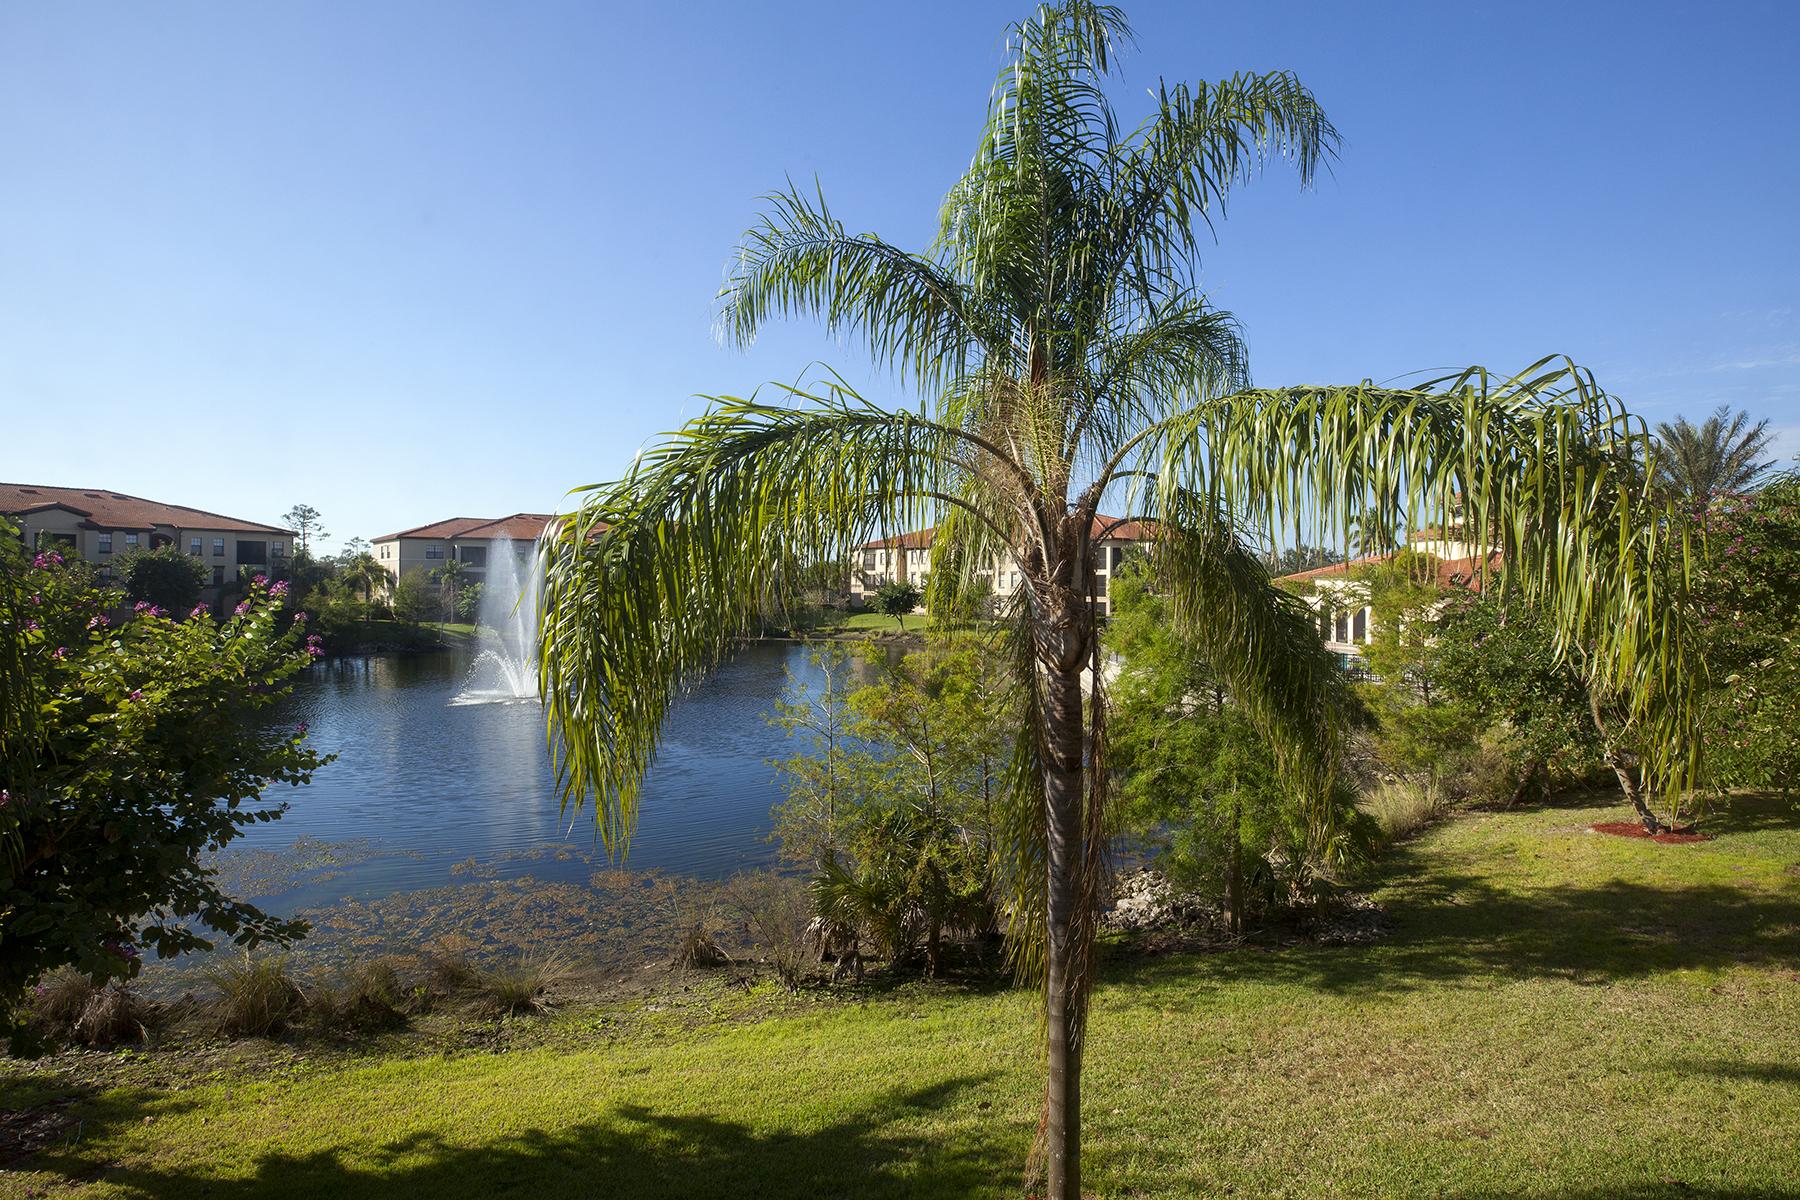 Condominium for Sale at 12930 Positano Cir , 206, Naples, FL 34105 12930 Positano Cir 206, Naples, Florida 34105 United States